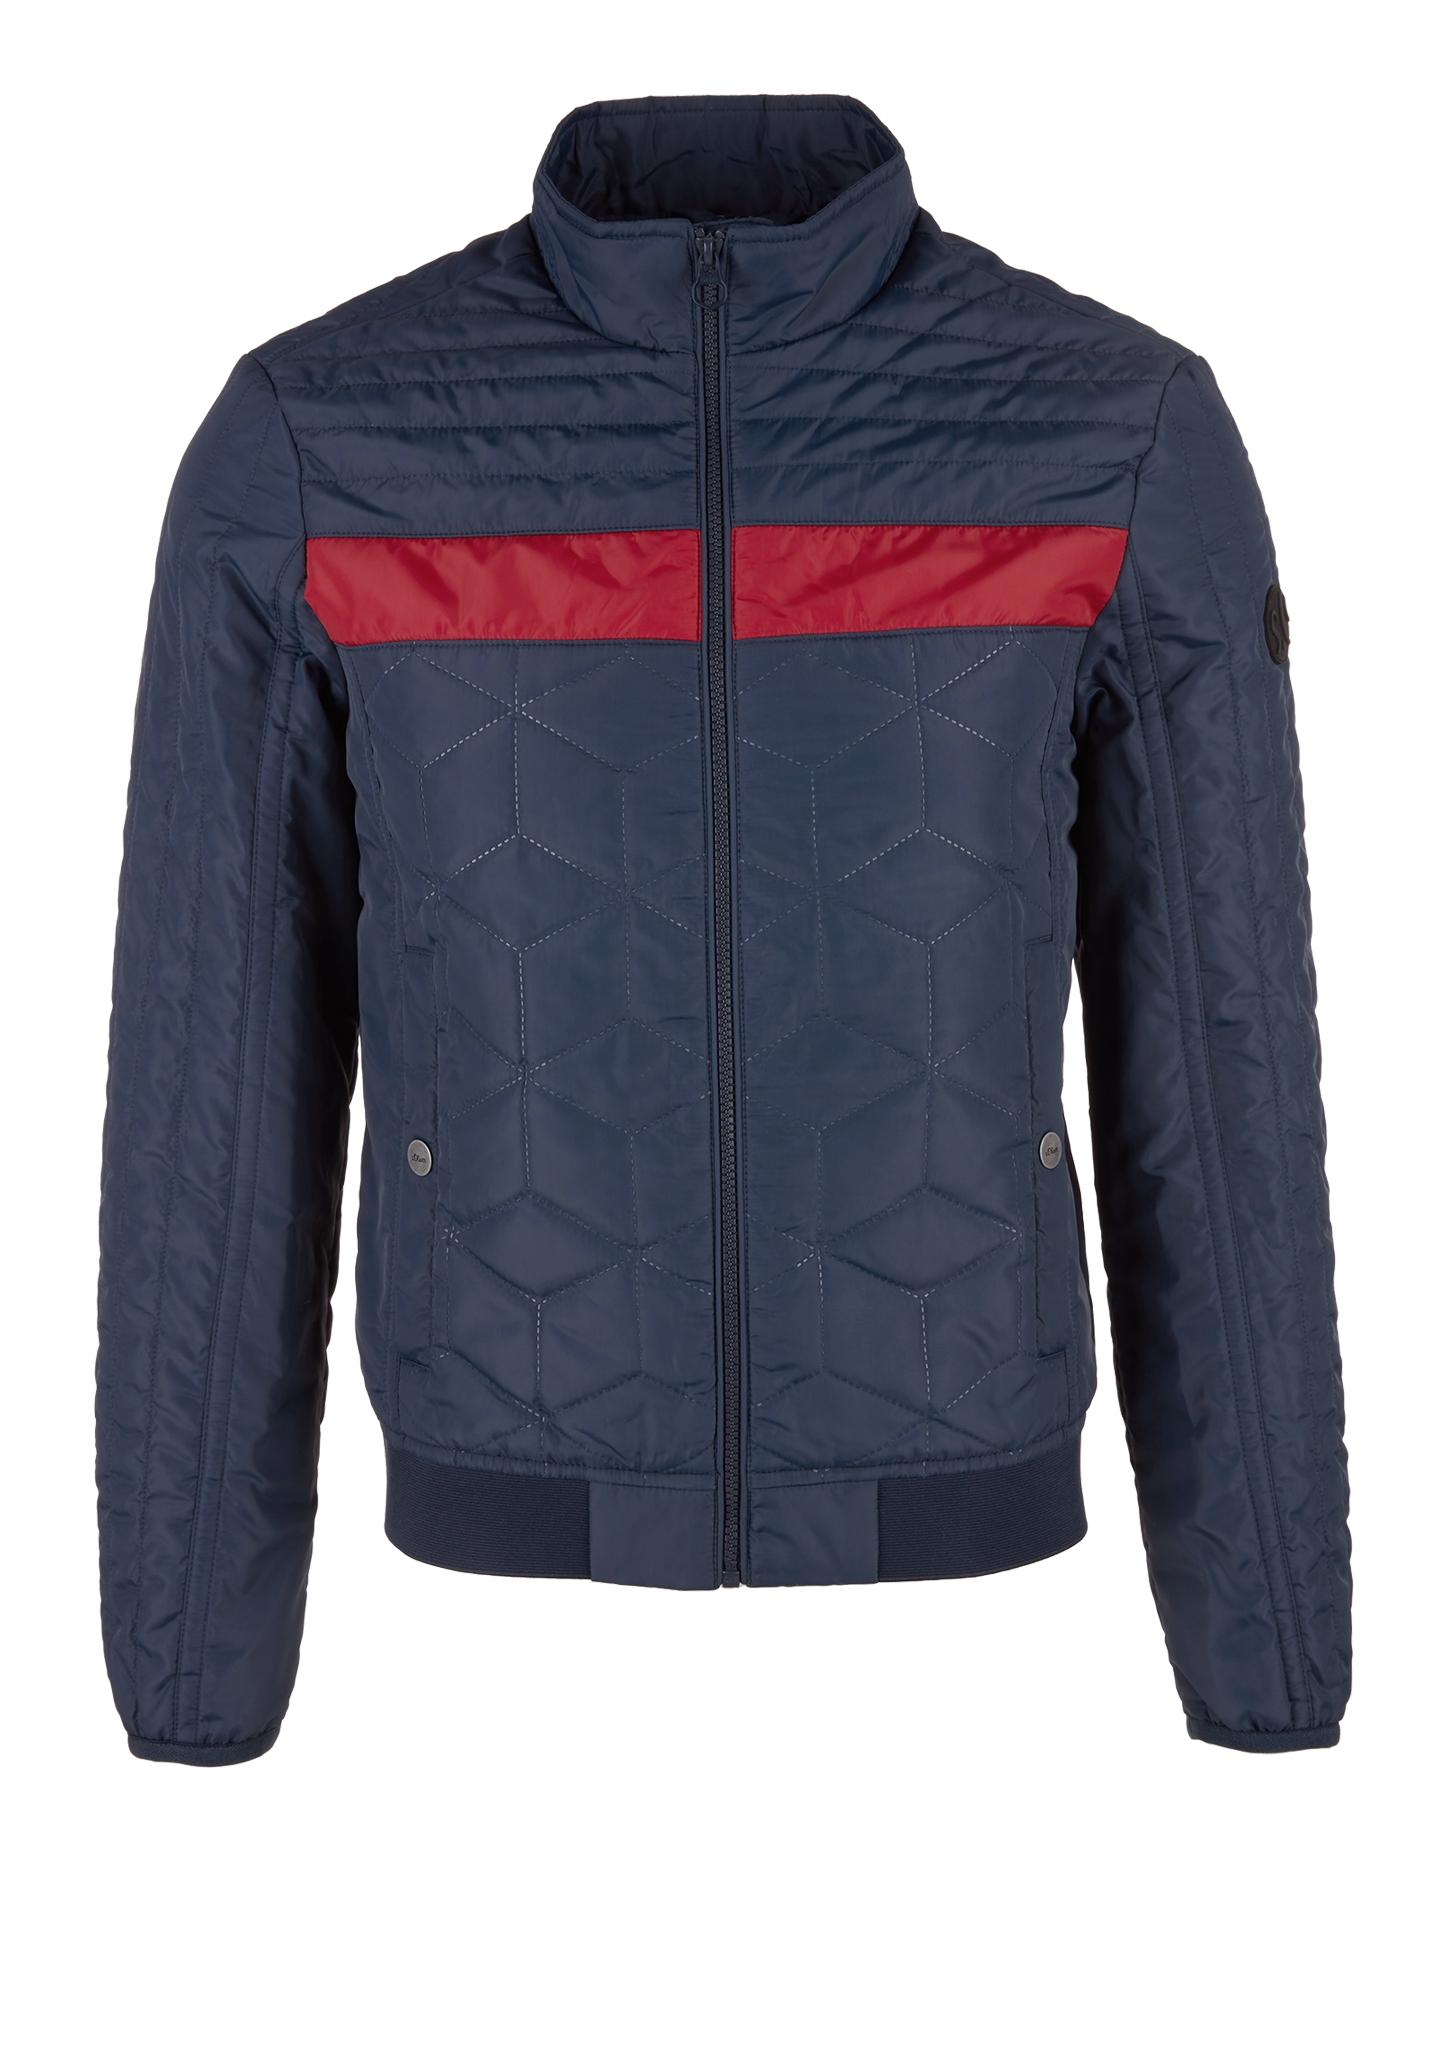 Steppjacke   Bekleidung > Jacken > Steppjacken   Blau   Oberstoff: 100% polyester  futter: 100% polyamid  füllmaterial: 100% polyester   s.Oliver